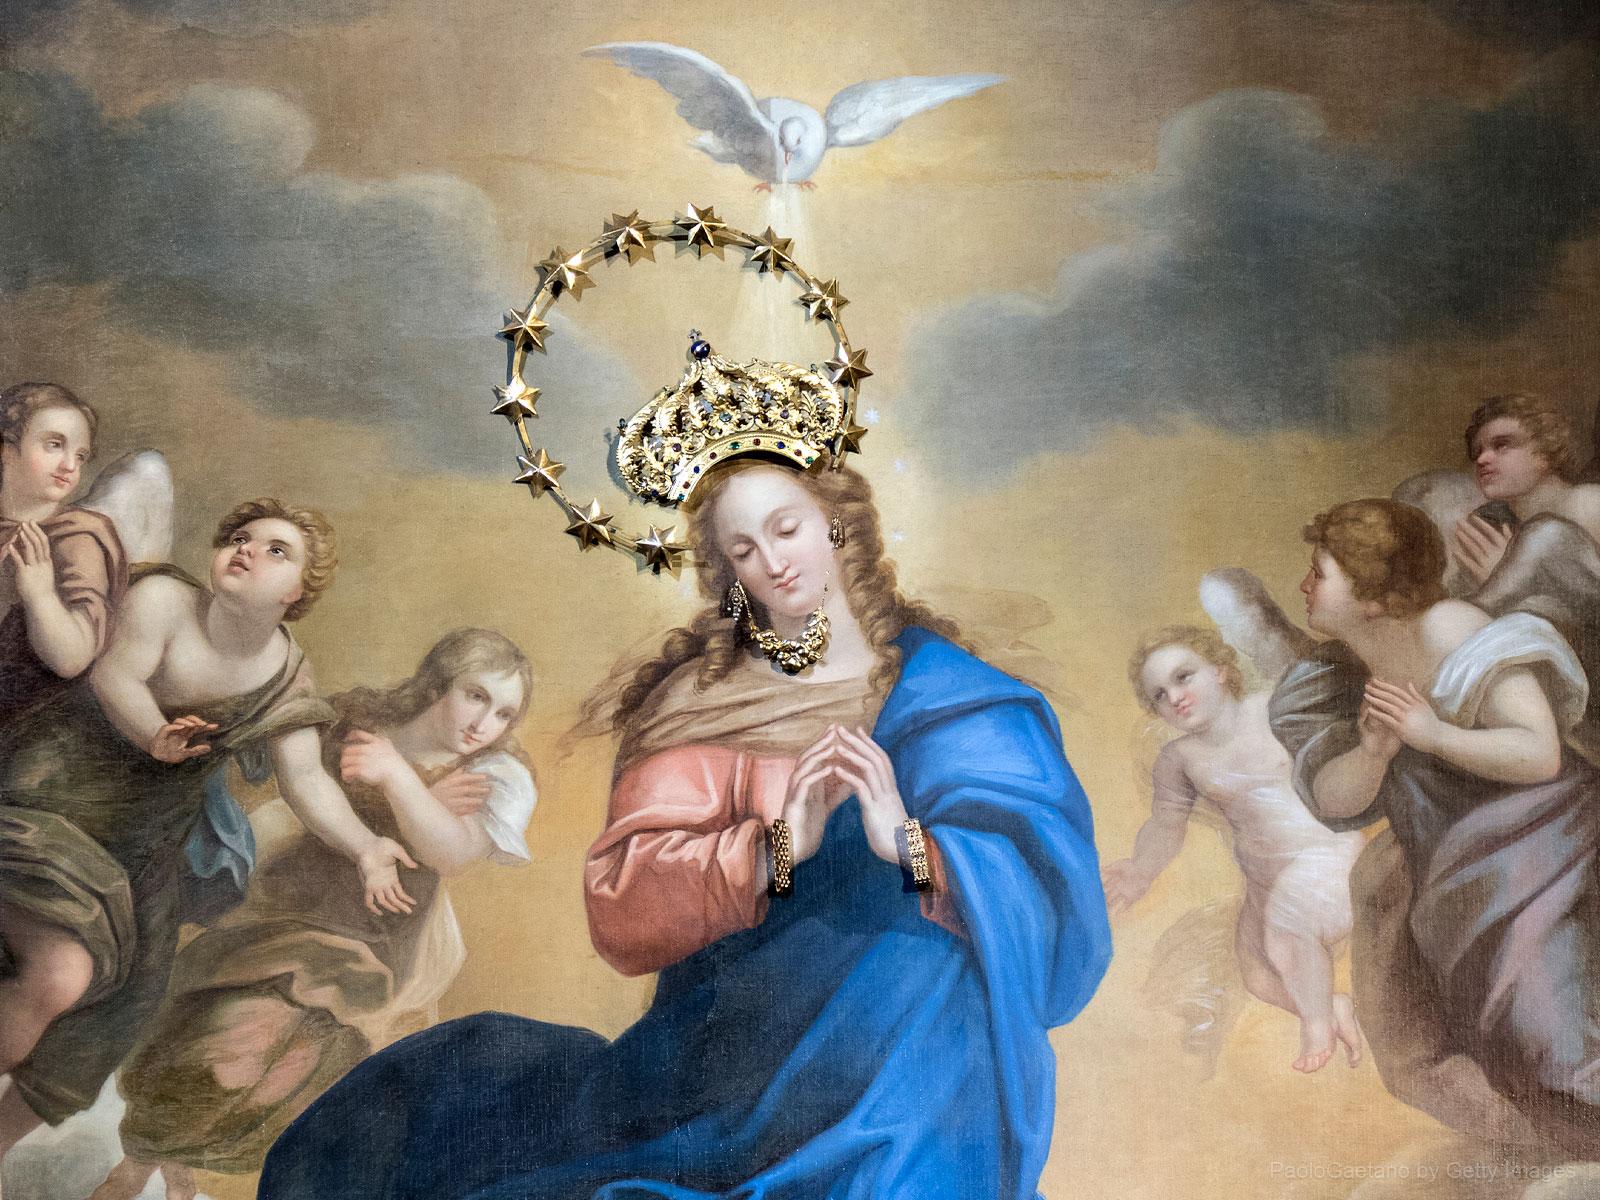 Toda-bela-és-Maria-Imaculada-Conceição